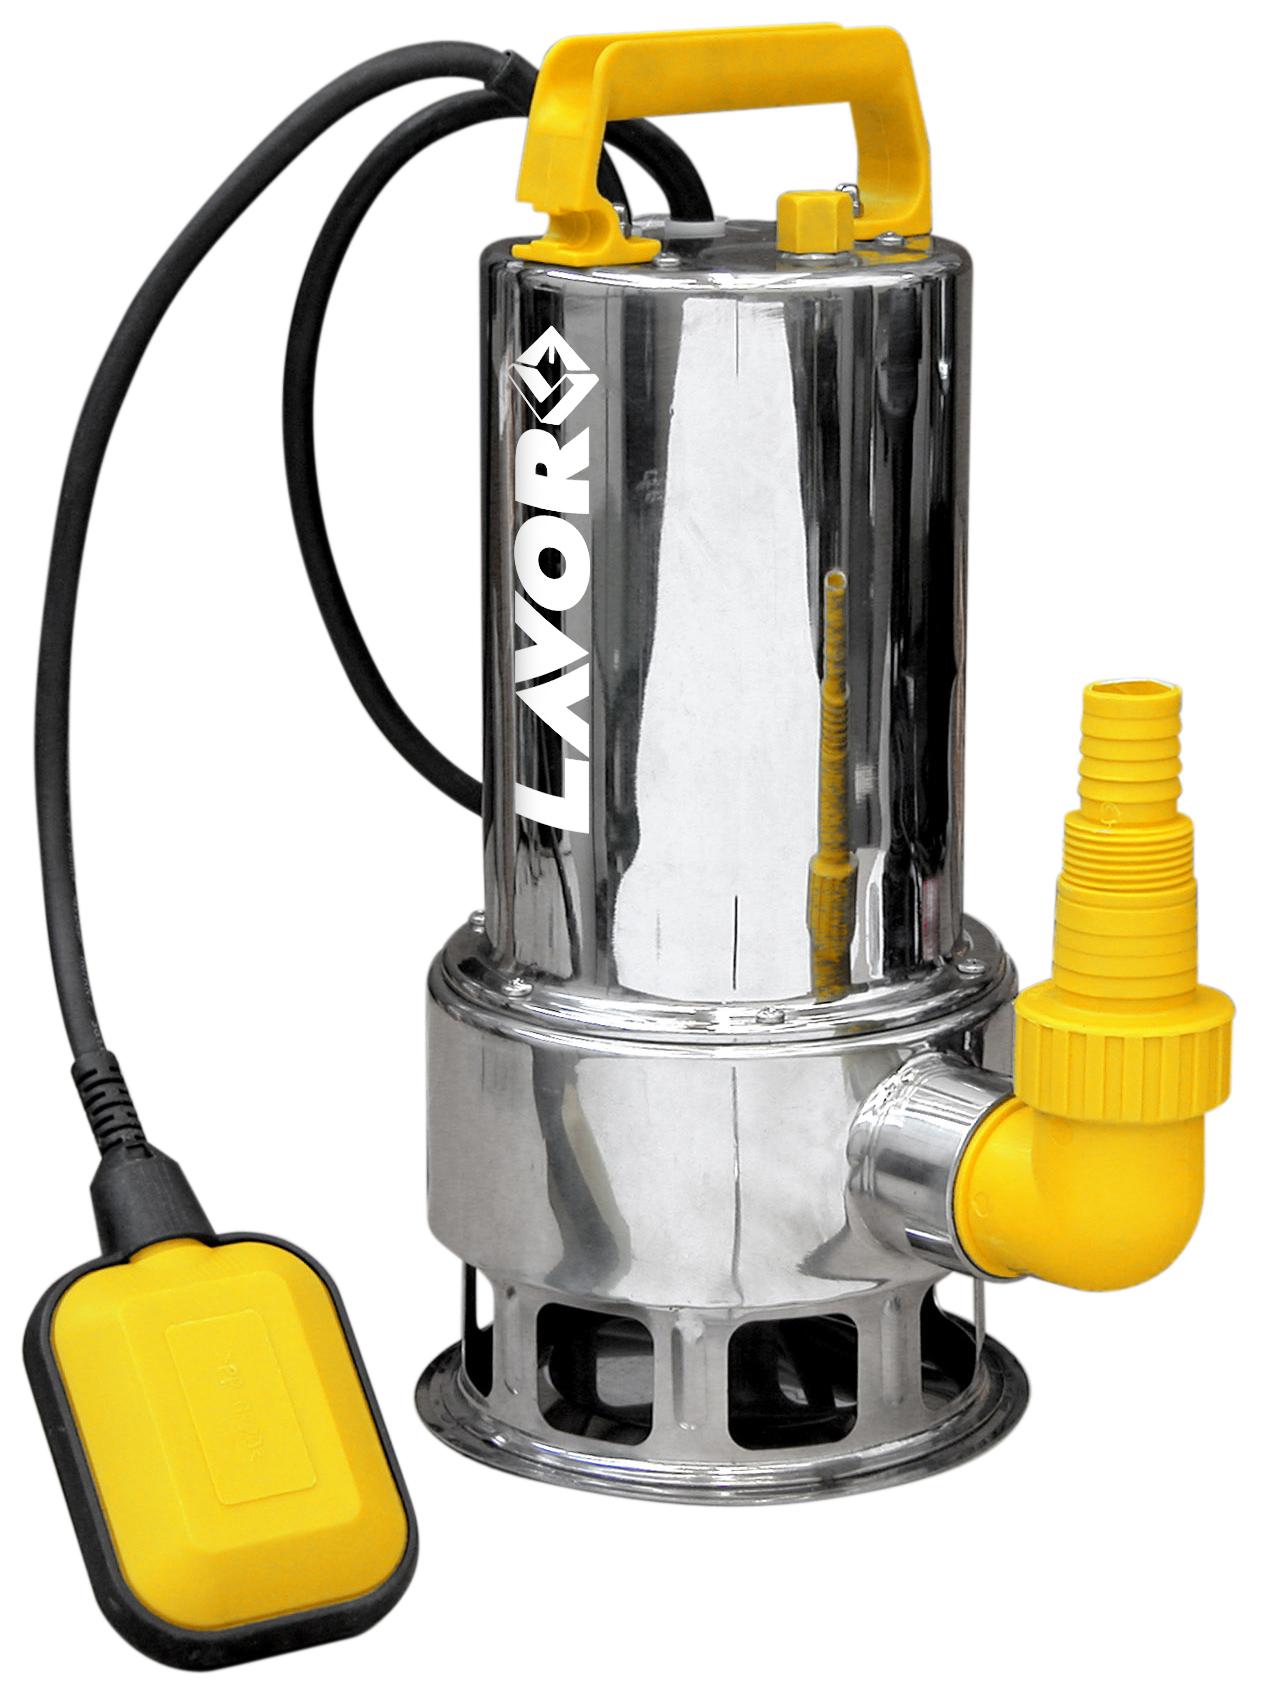 LAVOR Schmutzwasserpumpe Tauchpumpe Wasserpumpe INOX Gehäuse EDS-PM 12500